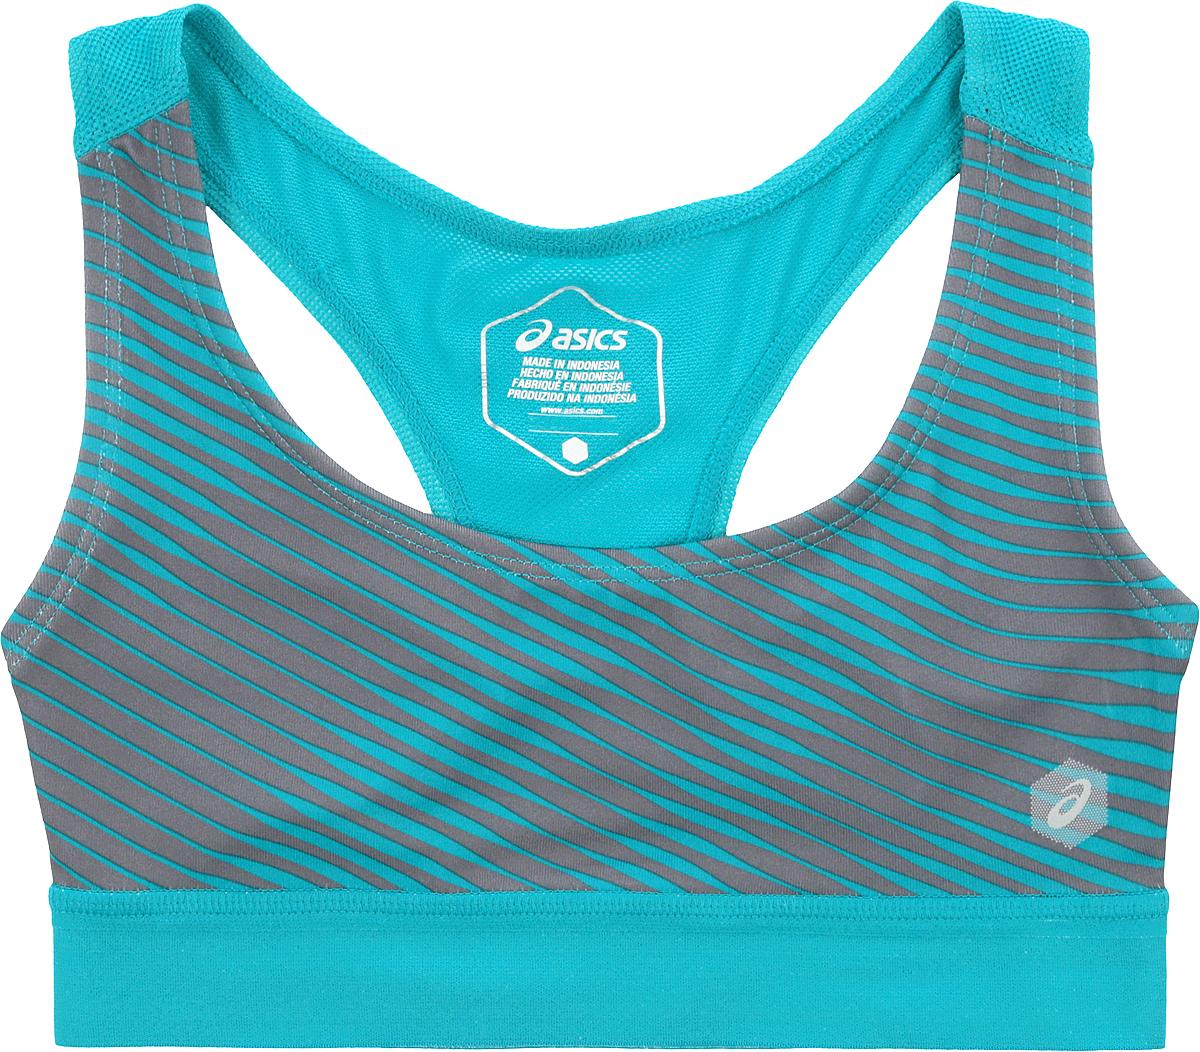 Топ-бра для фитнеса Asics Prfm Bra, цвет: бирюзовый. 155226-8098. Размер XL (50) топ бра для фитнеса asics racerback bra цвет розовый 141117 0688 размер xs 40 42